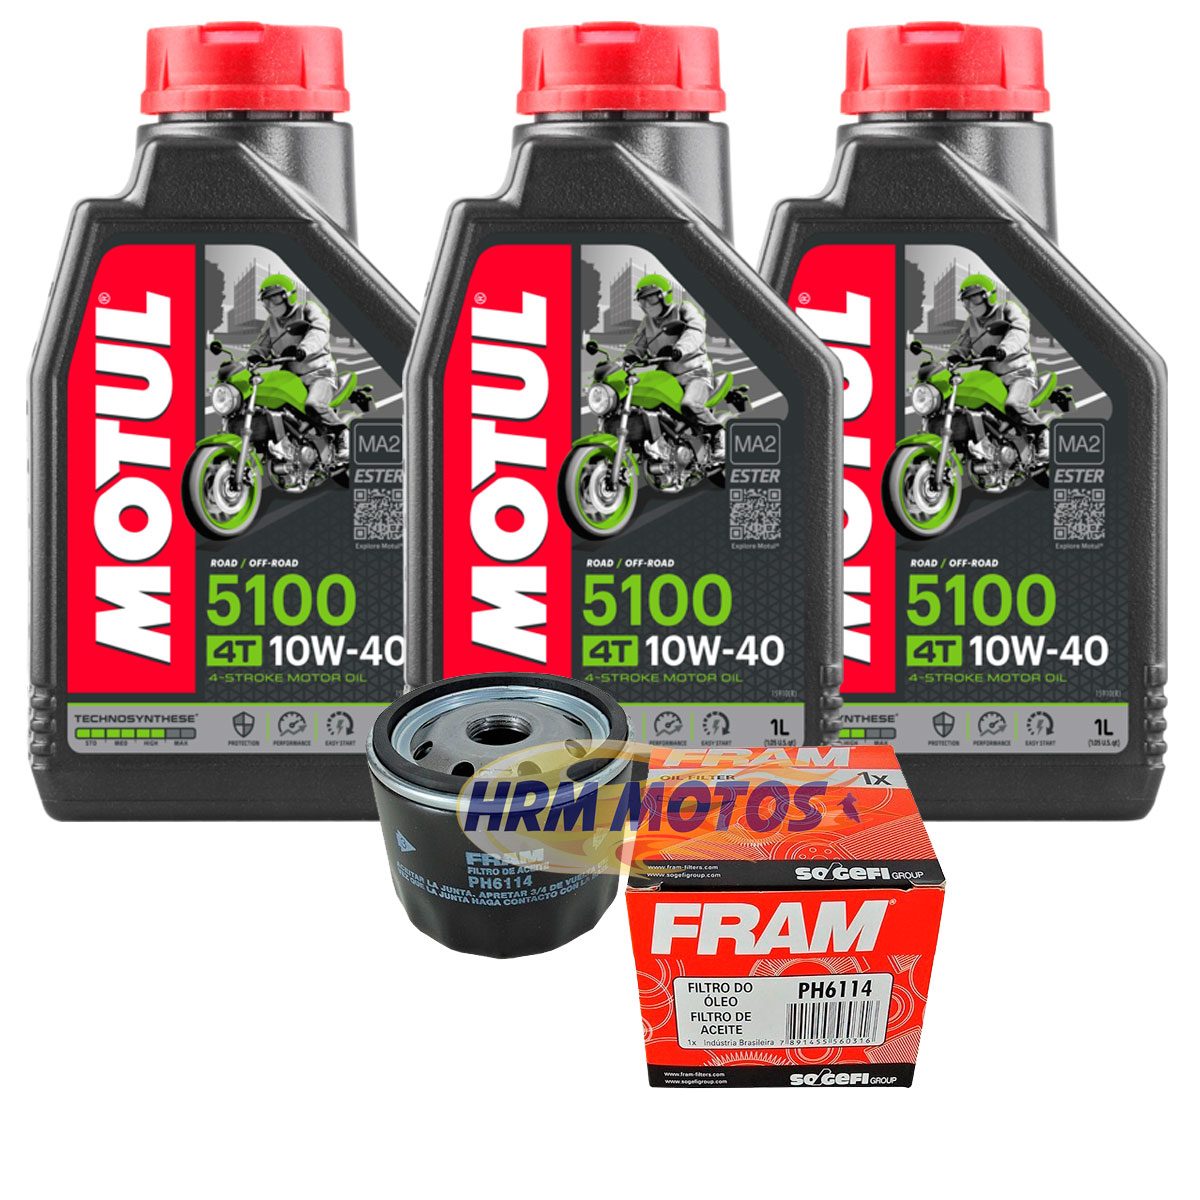 Kit 3 Lts Óleo Motor Motul 5100 10w40 + Filtro Oleo Fram Ph6114 Moto Bmw F800 GS/F800R